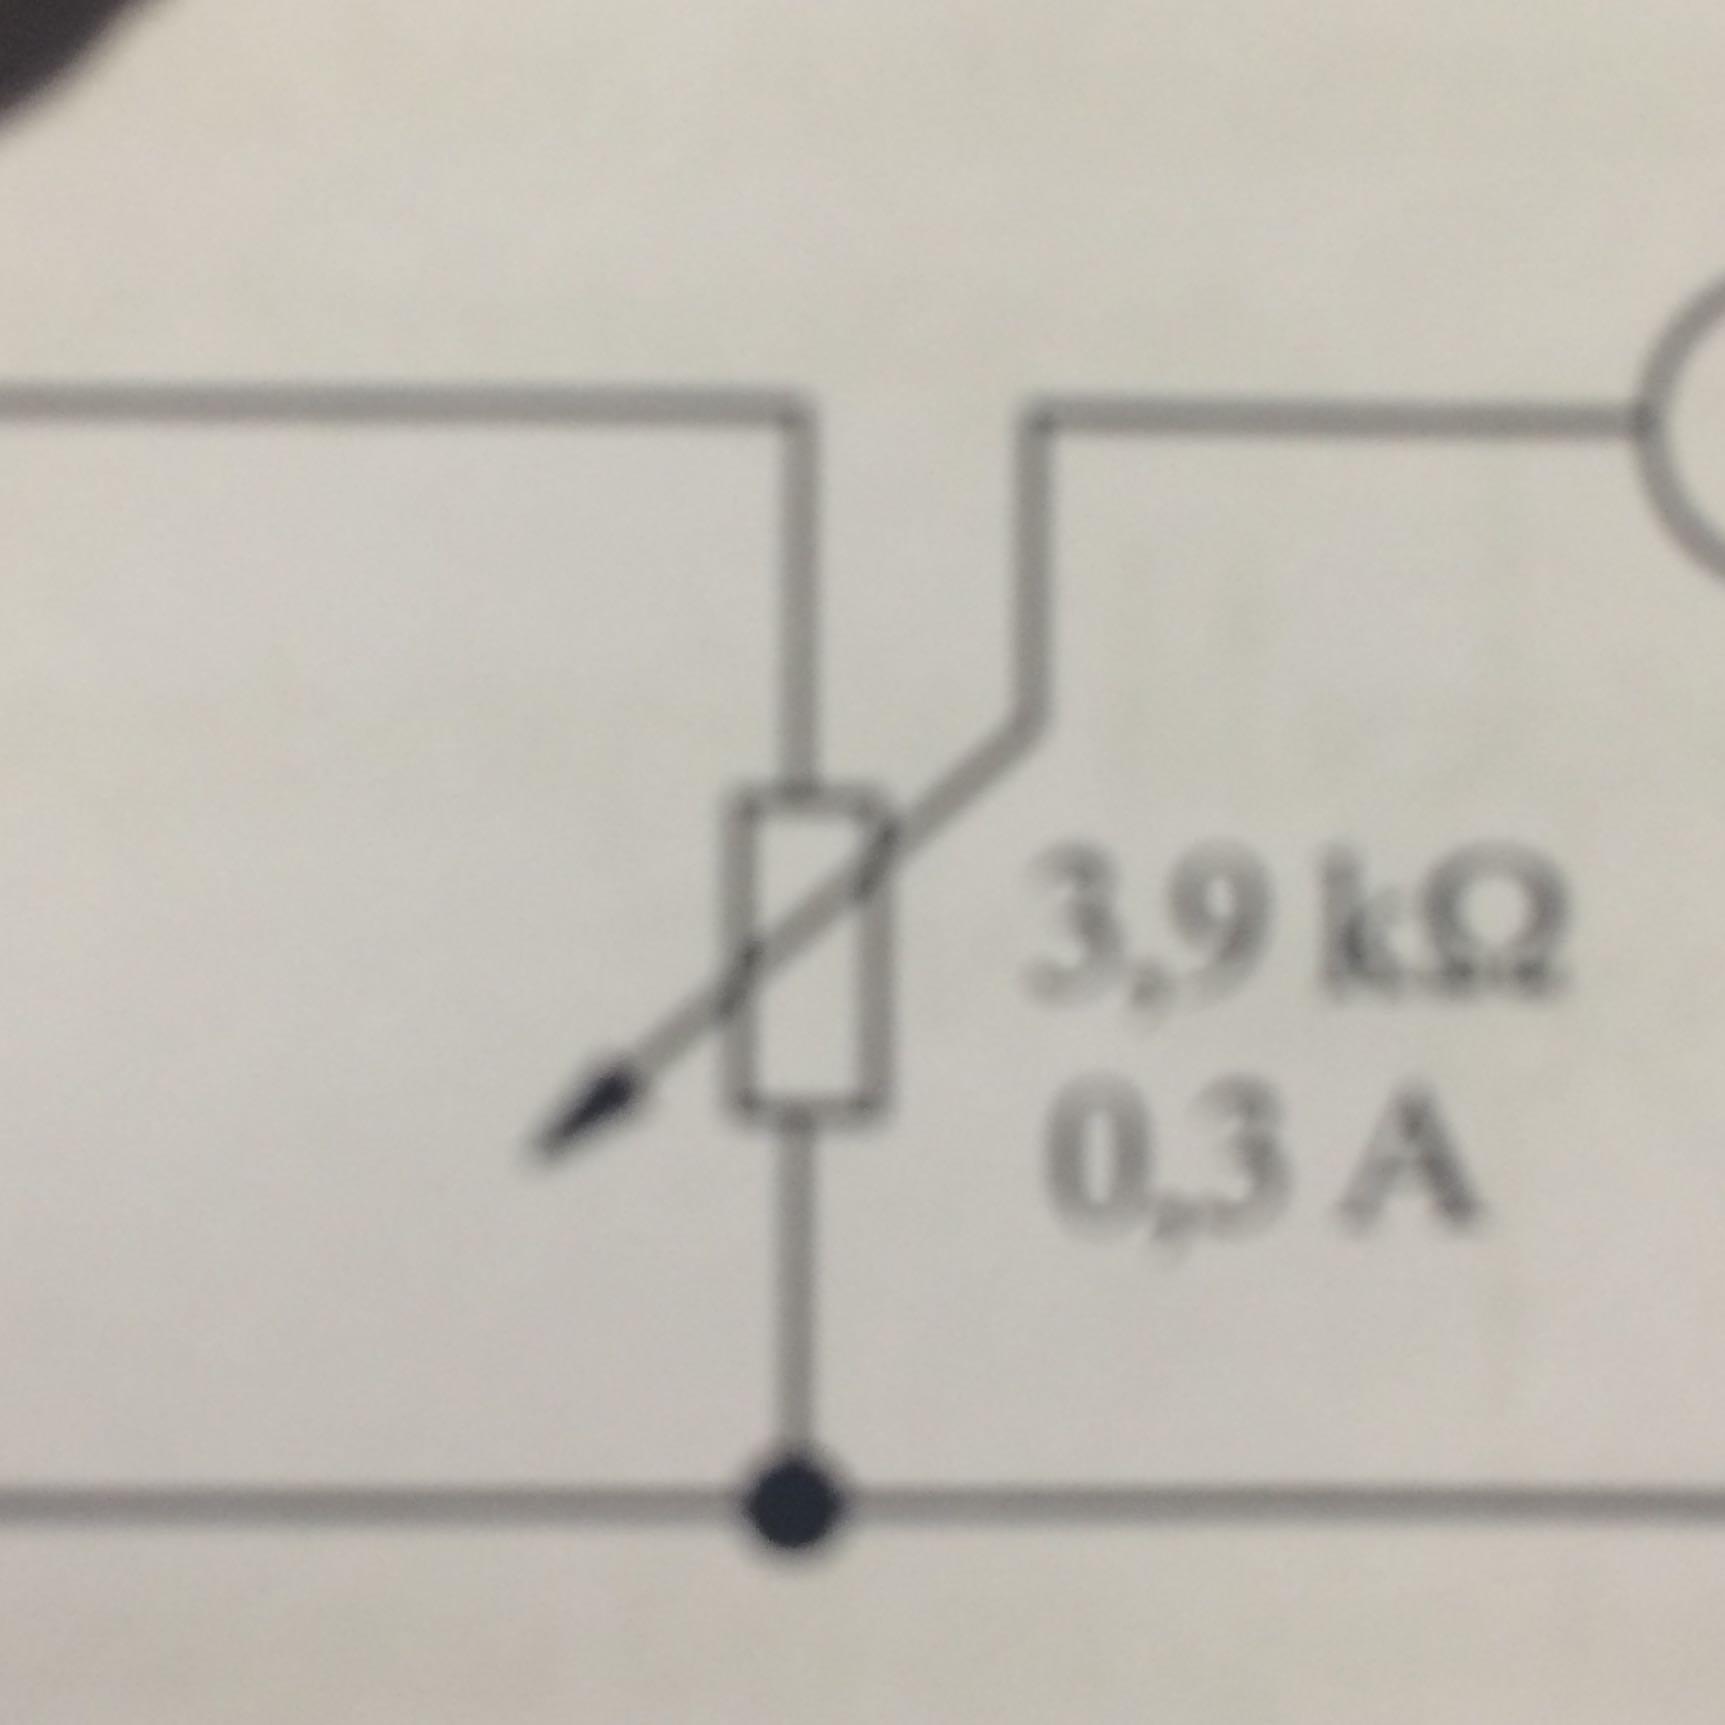 Was ist das fuer einn schaltzeichen? (Elektrotechnik)